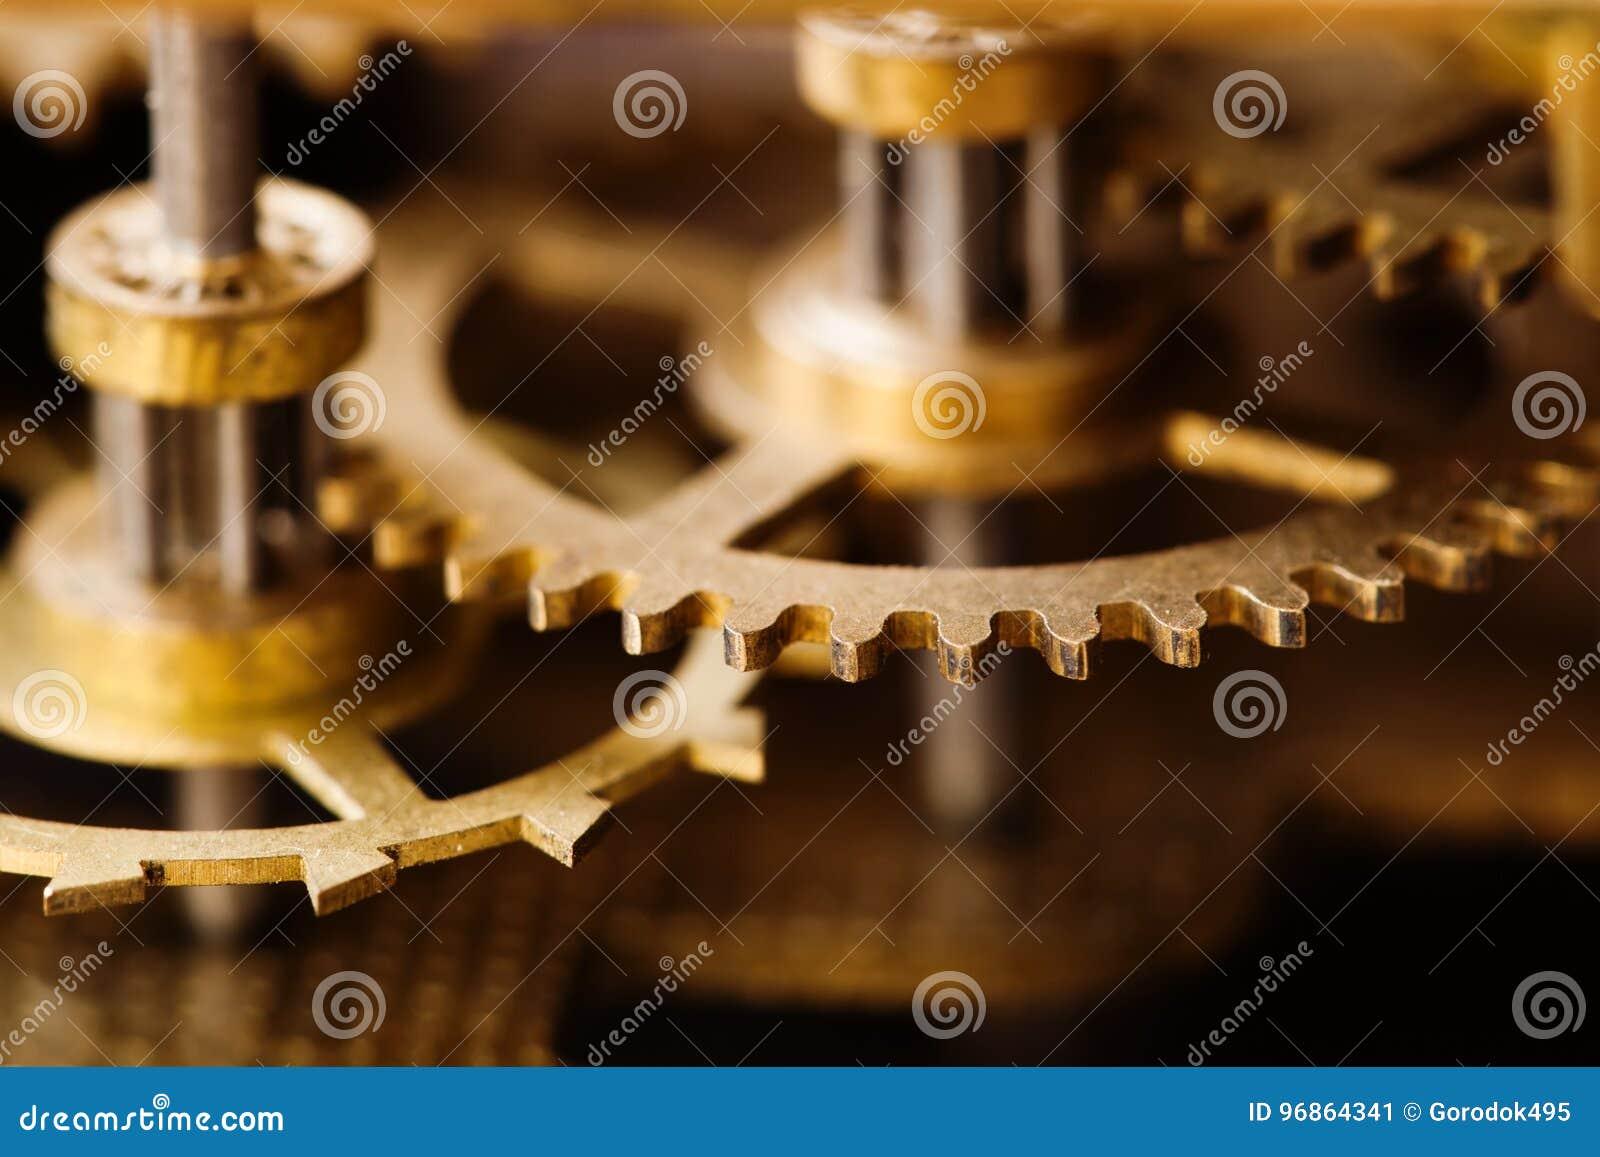 Przemysłowej maszynerii brązu cog przekazu makro- widok Starzejący się metal przekładni koła zębów mechanizm, płytkiej głębii pol